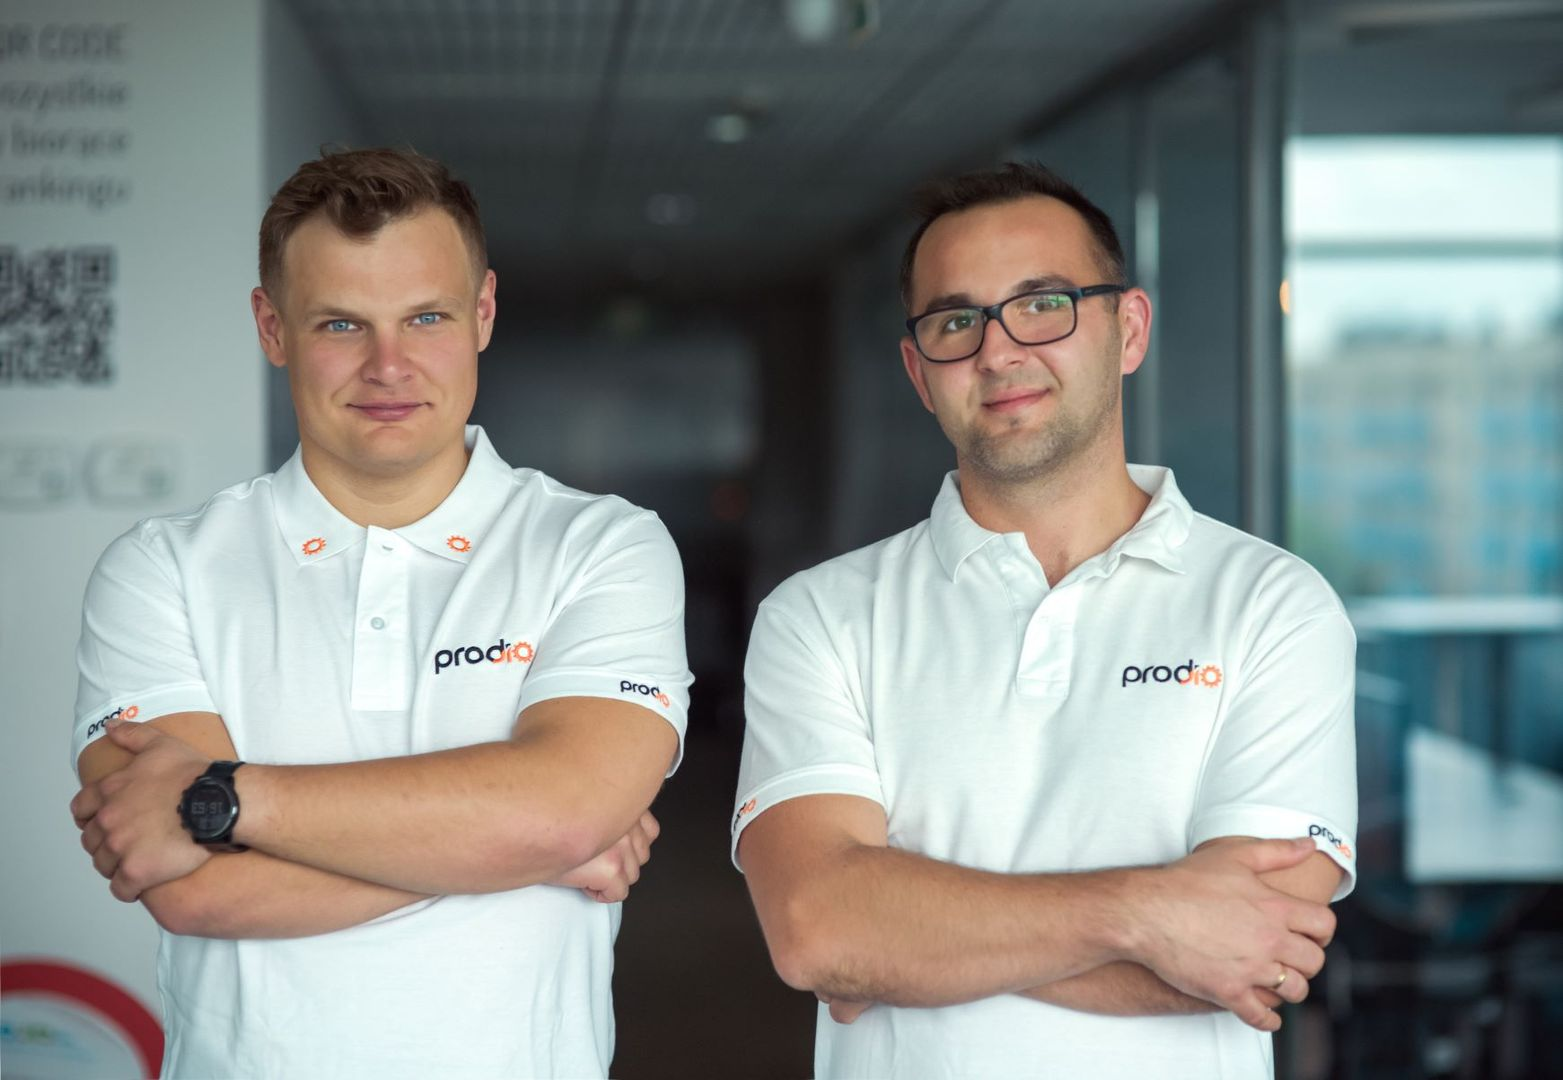 Prodio founders